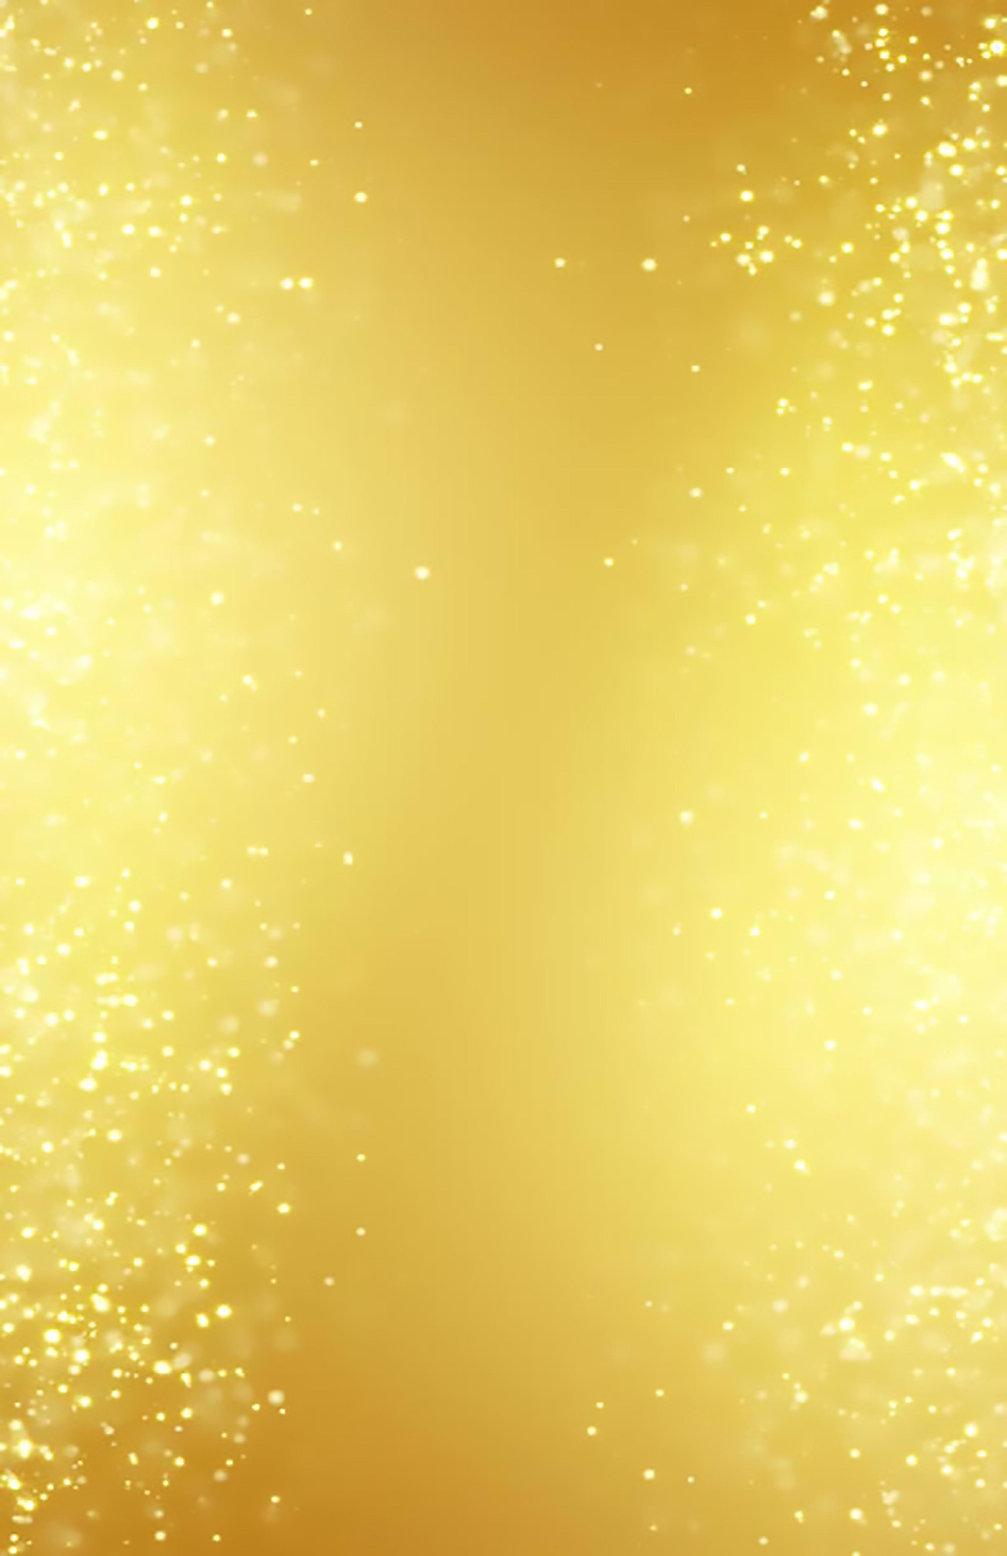 Golden Light Burst 3.jpg